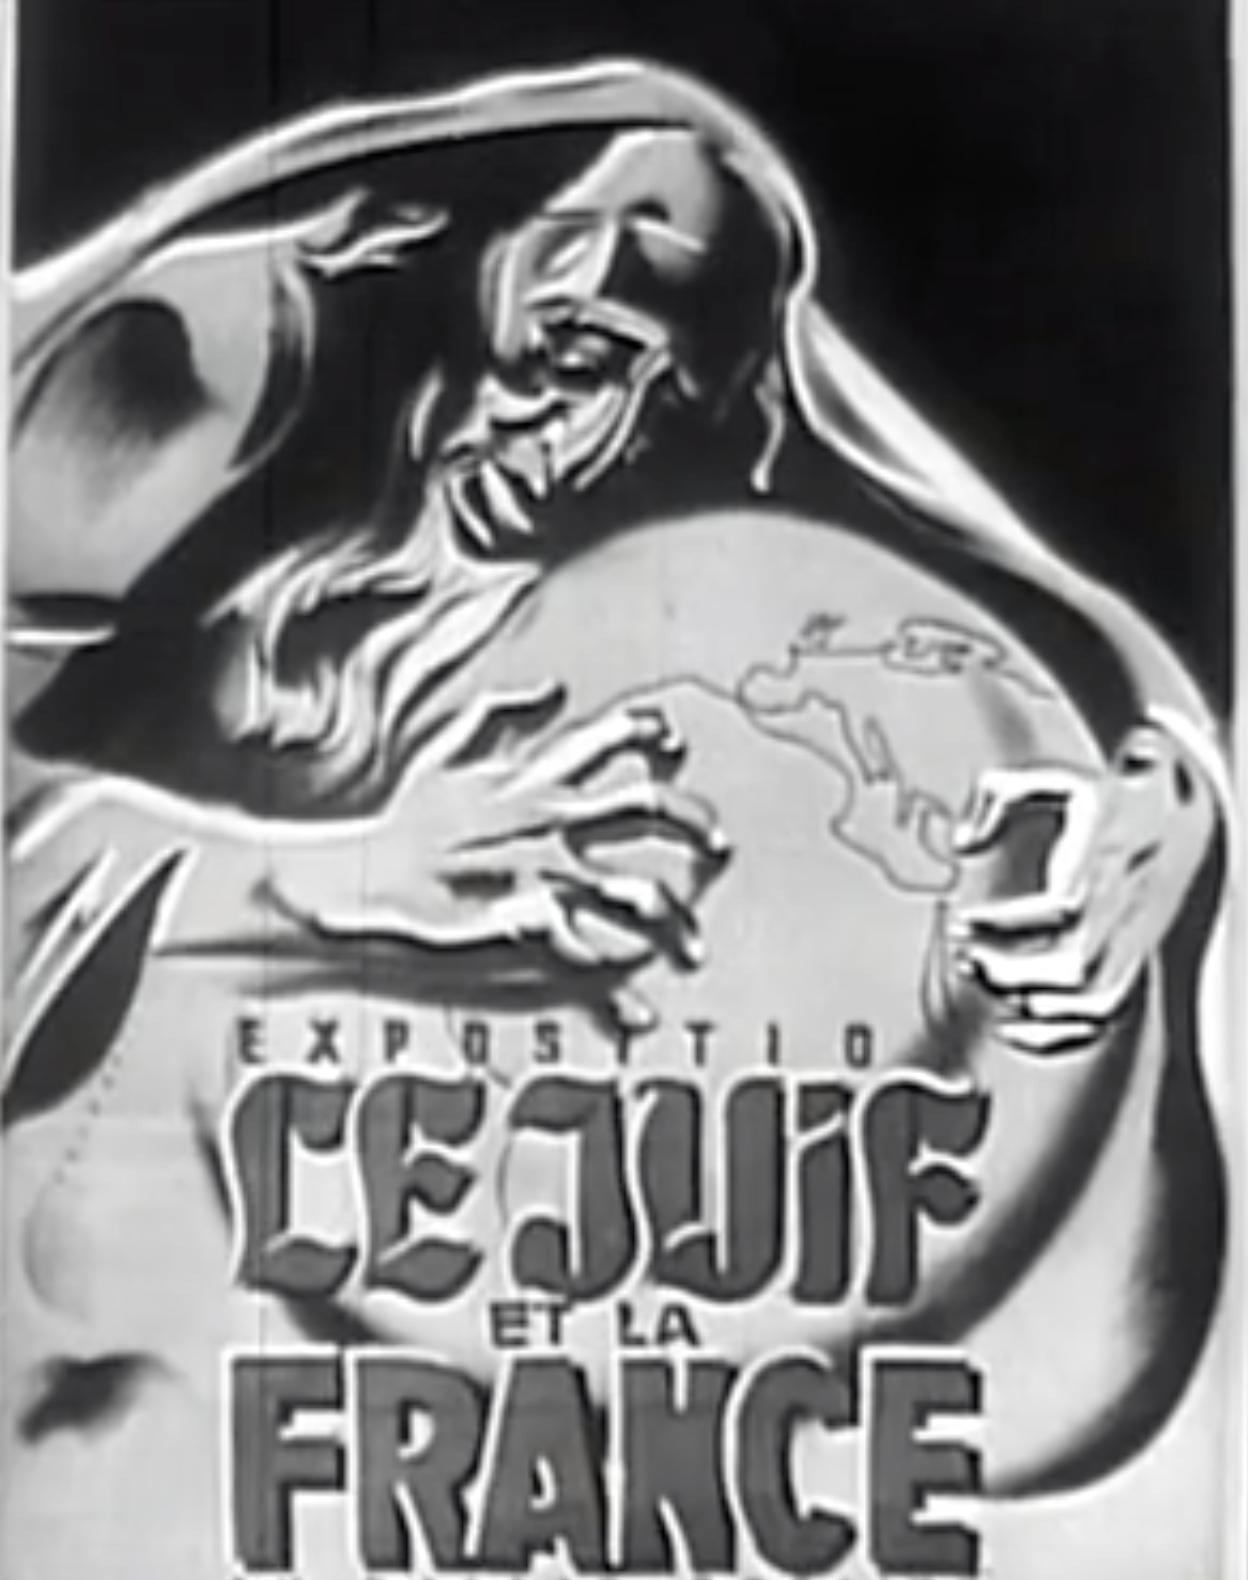 Juif et La France